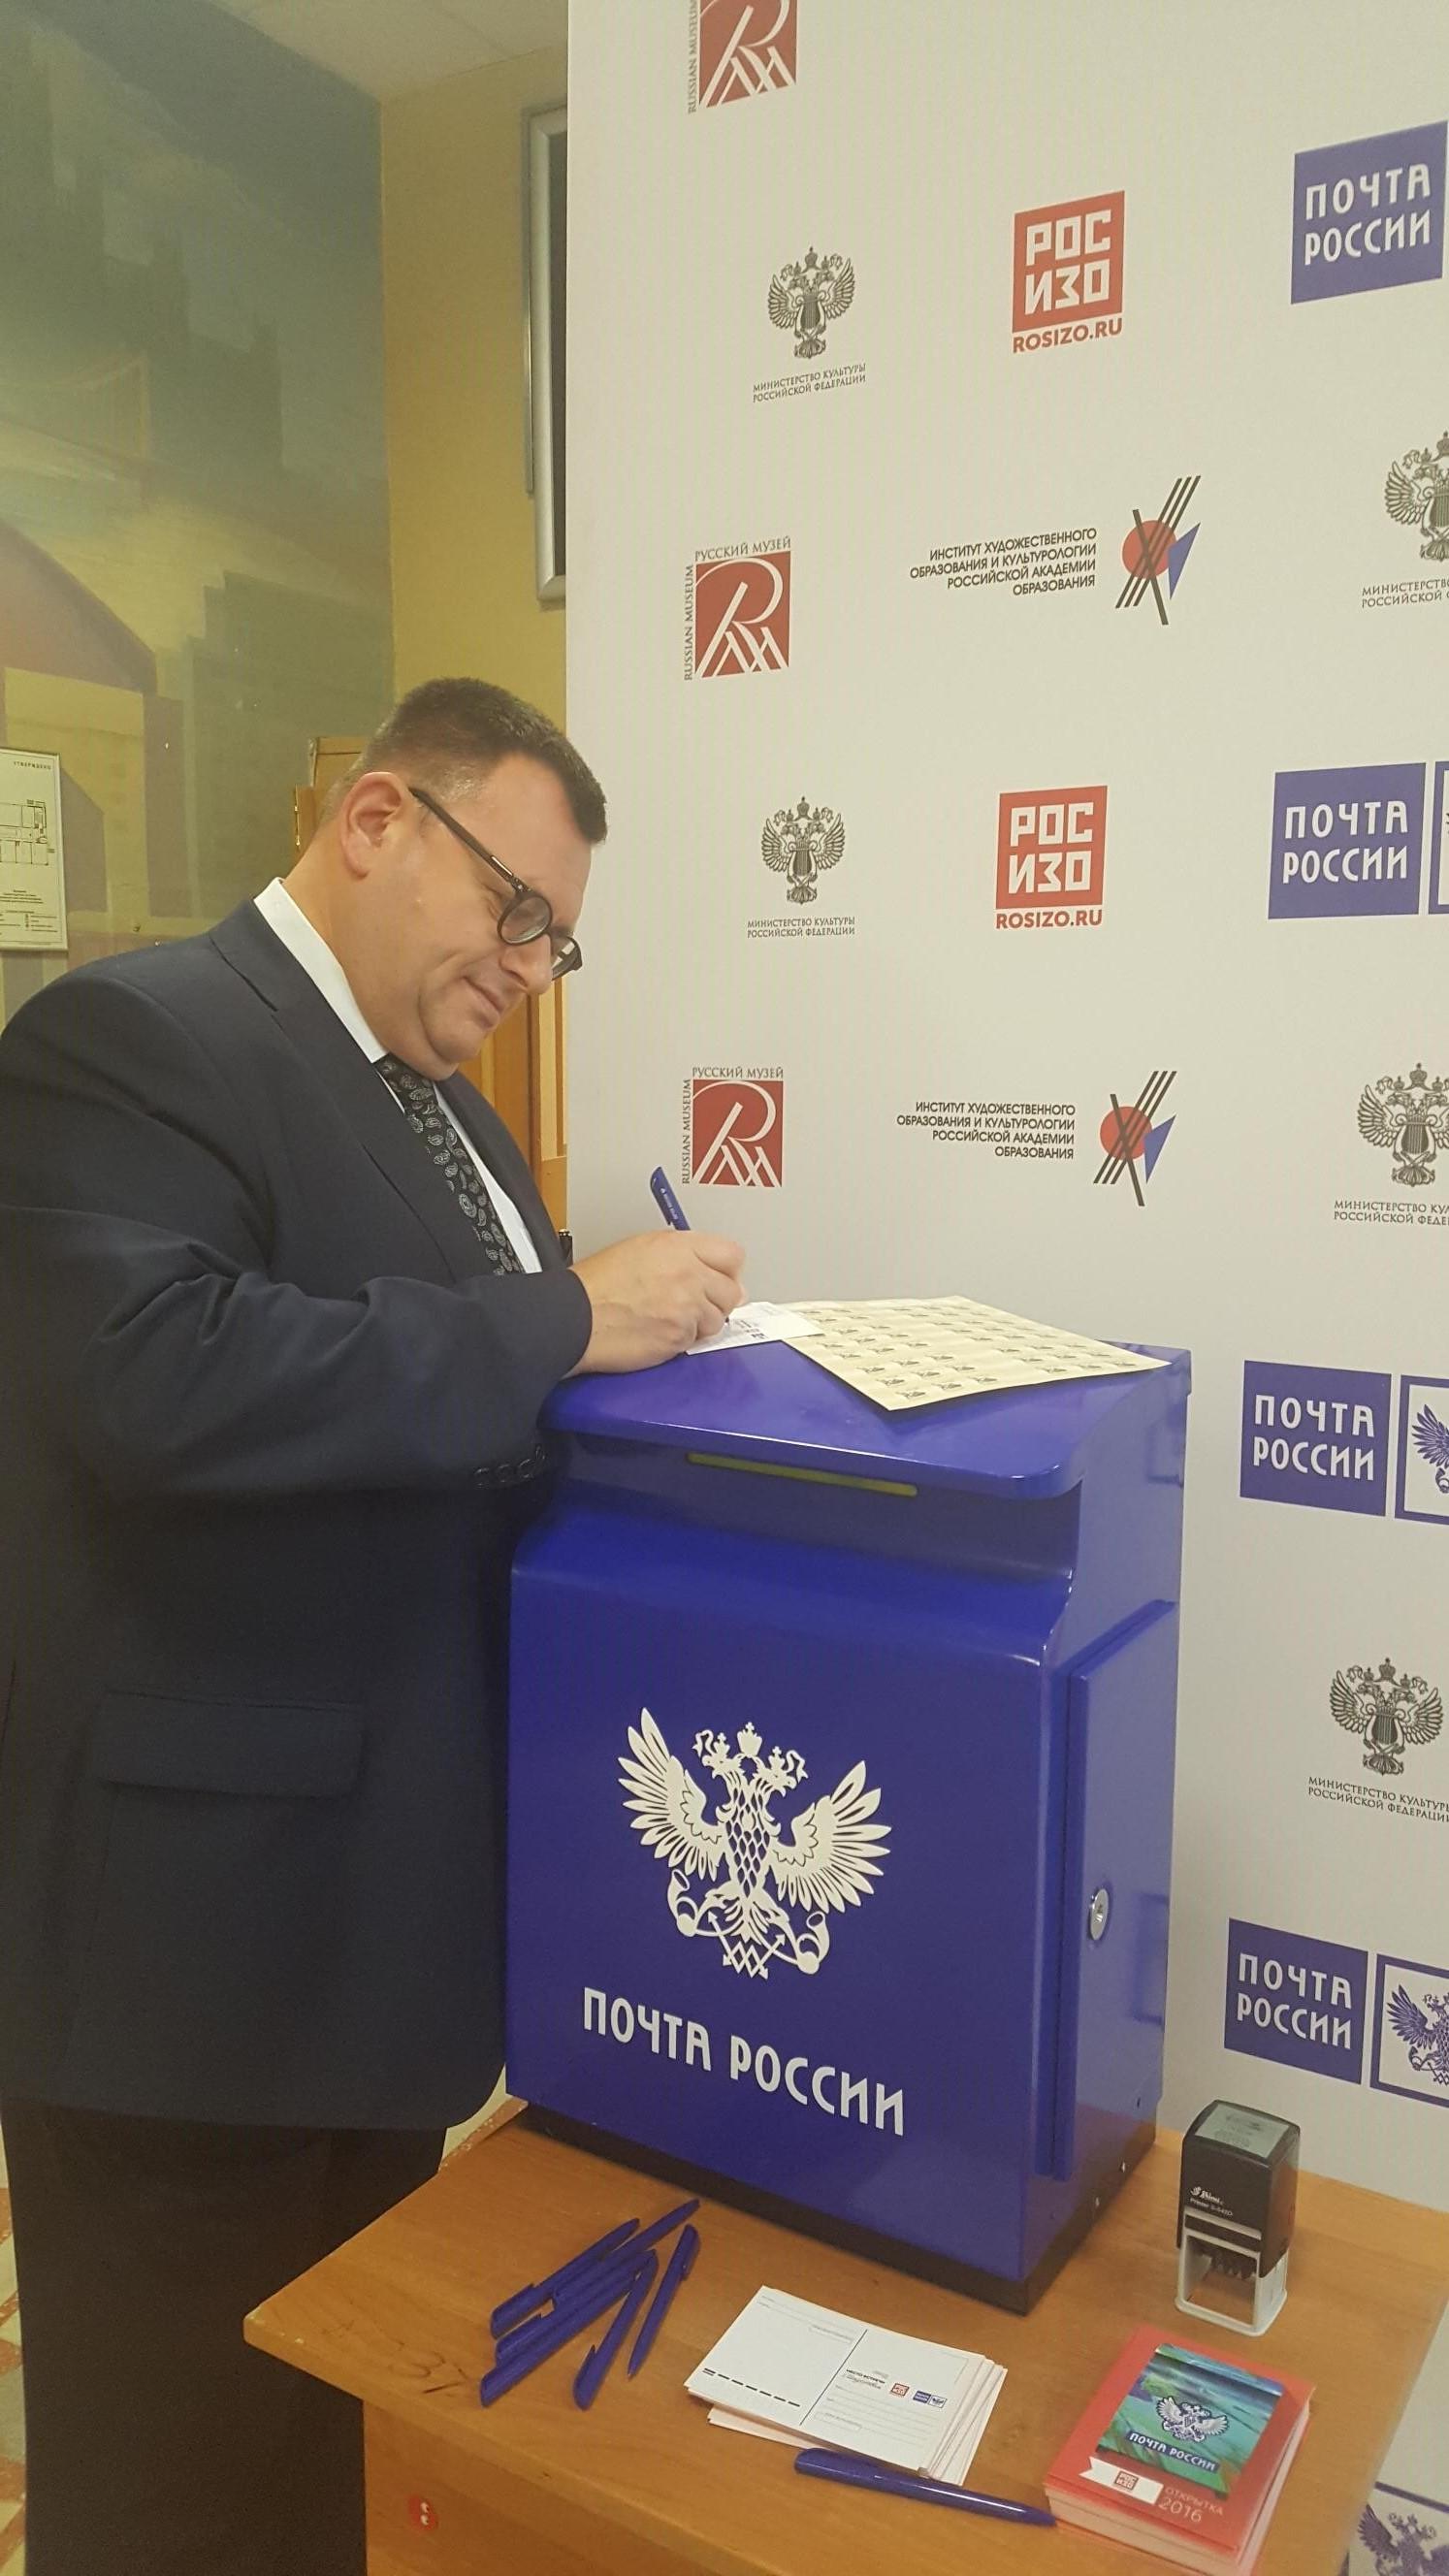 Открытка почта россии онлайн